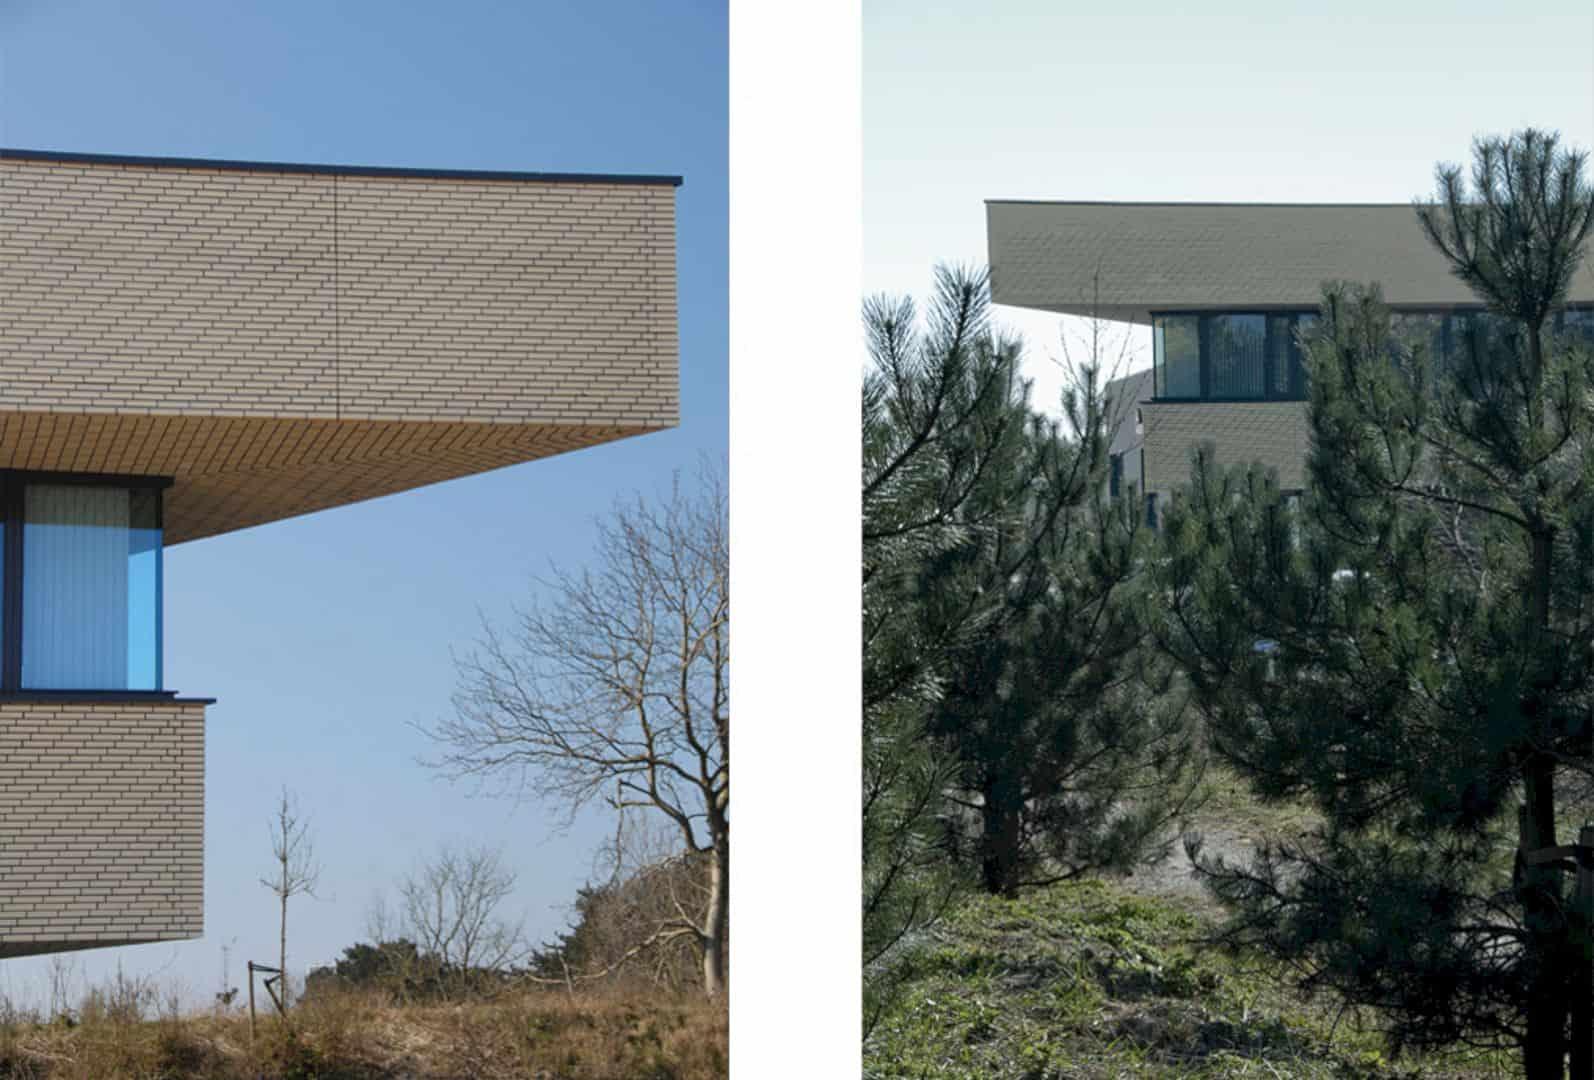 Fire Station Zandvoort By Jeanne Dekkers Architectuur 10